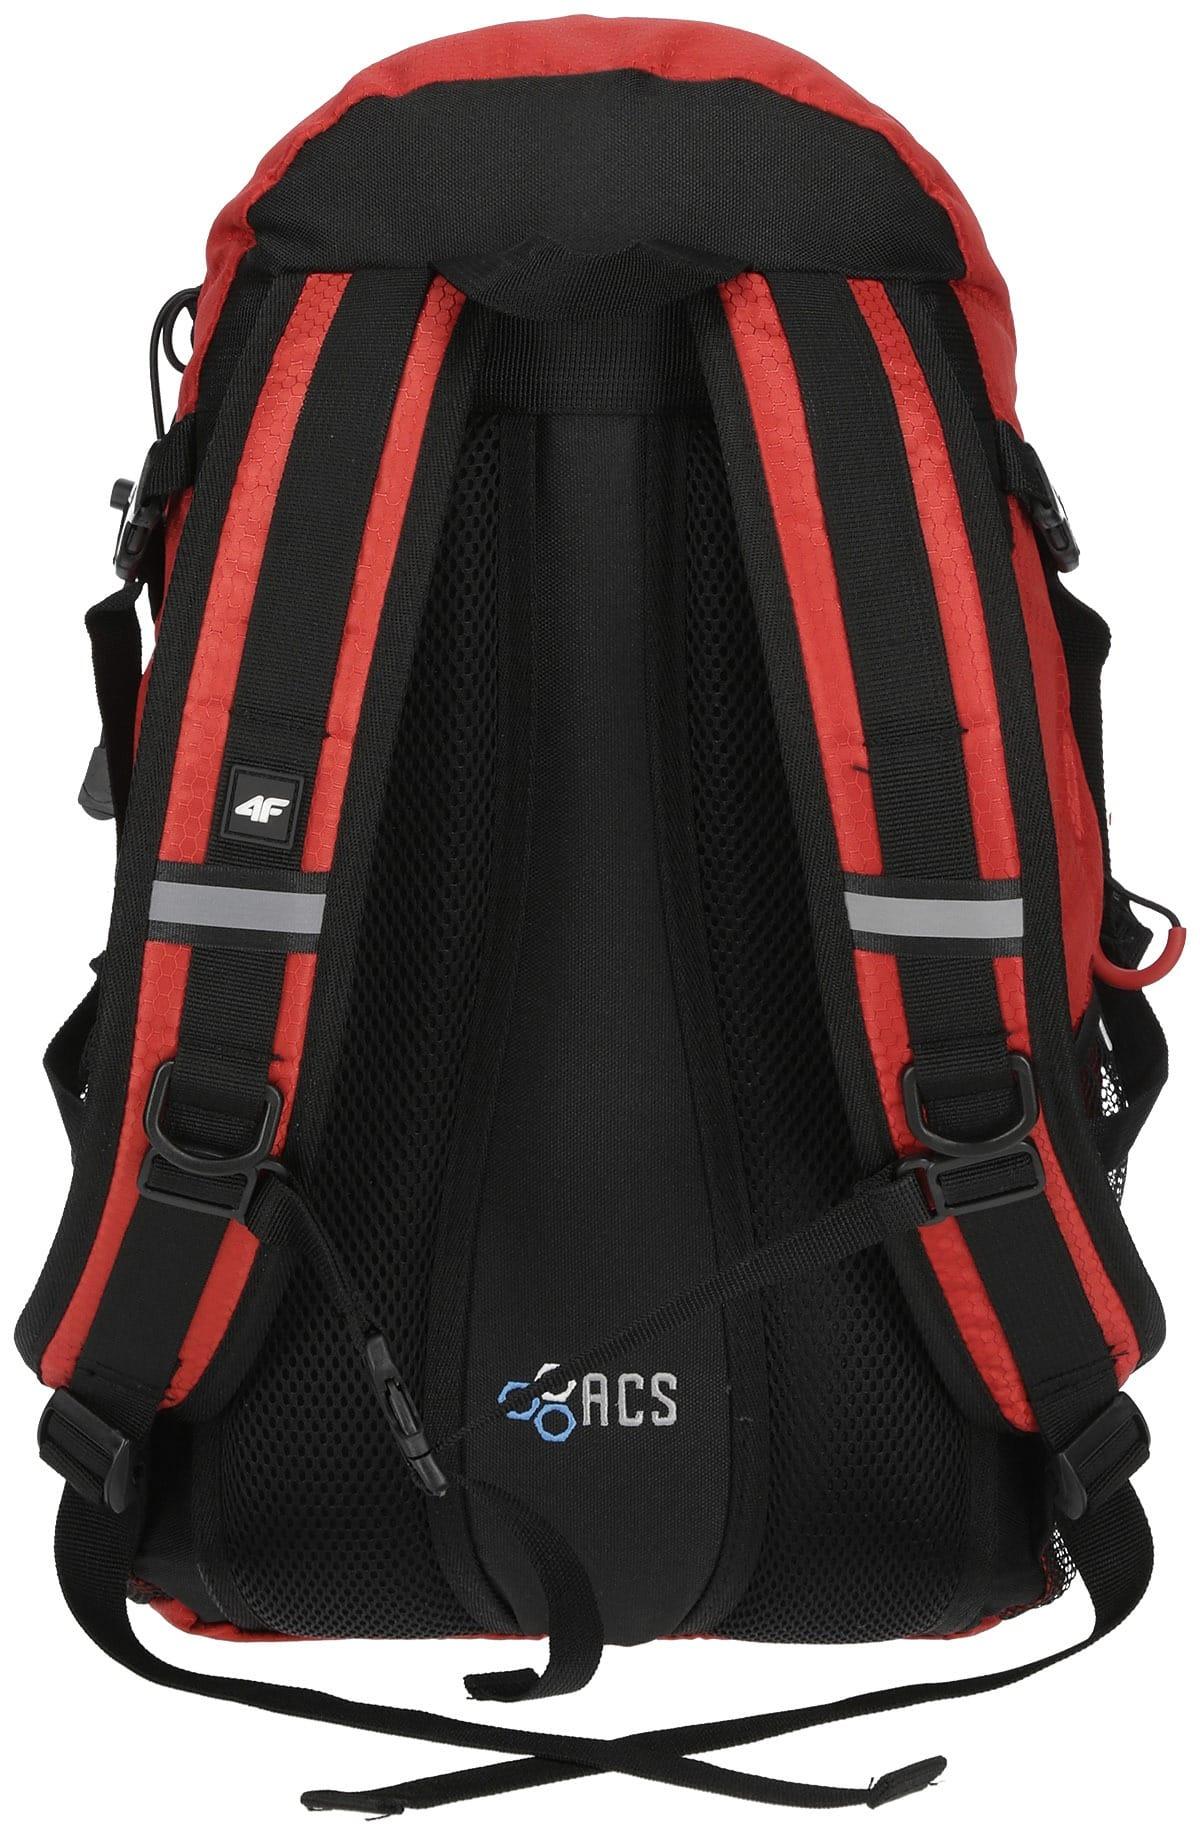 4F Urban Backpack Red pcu017-62s b